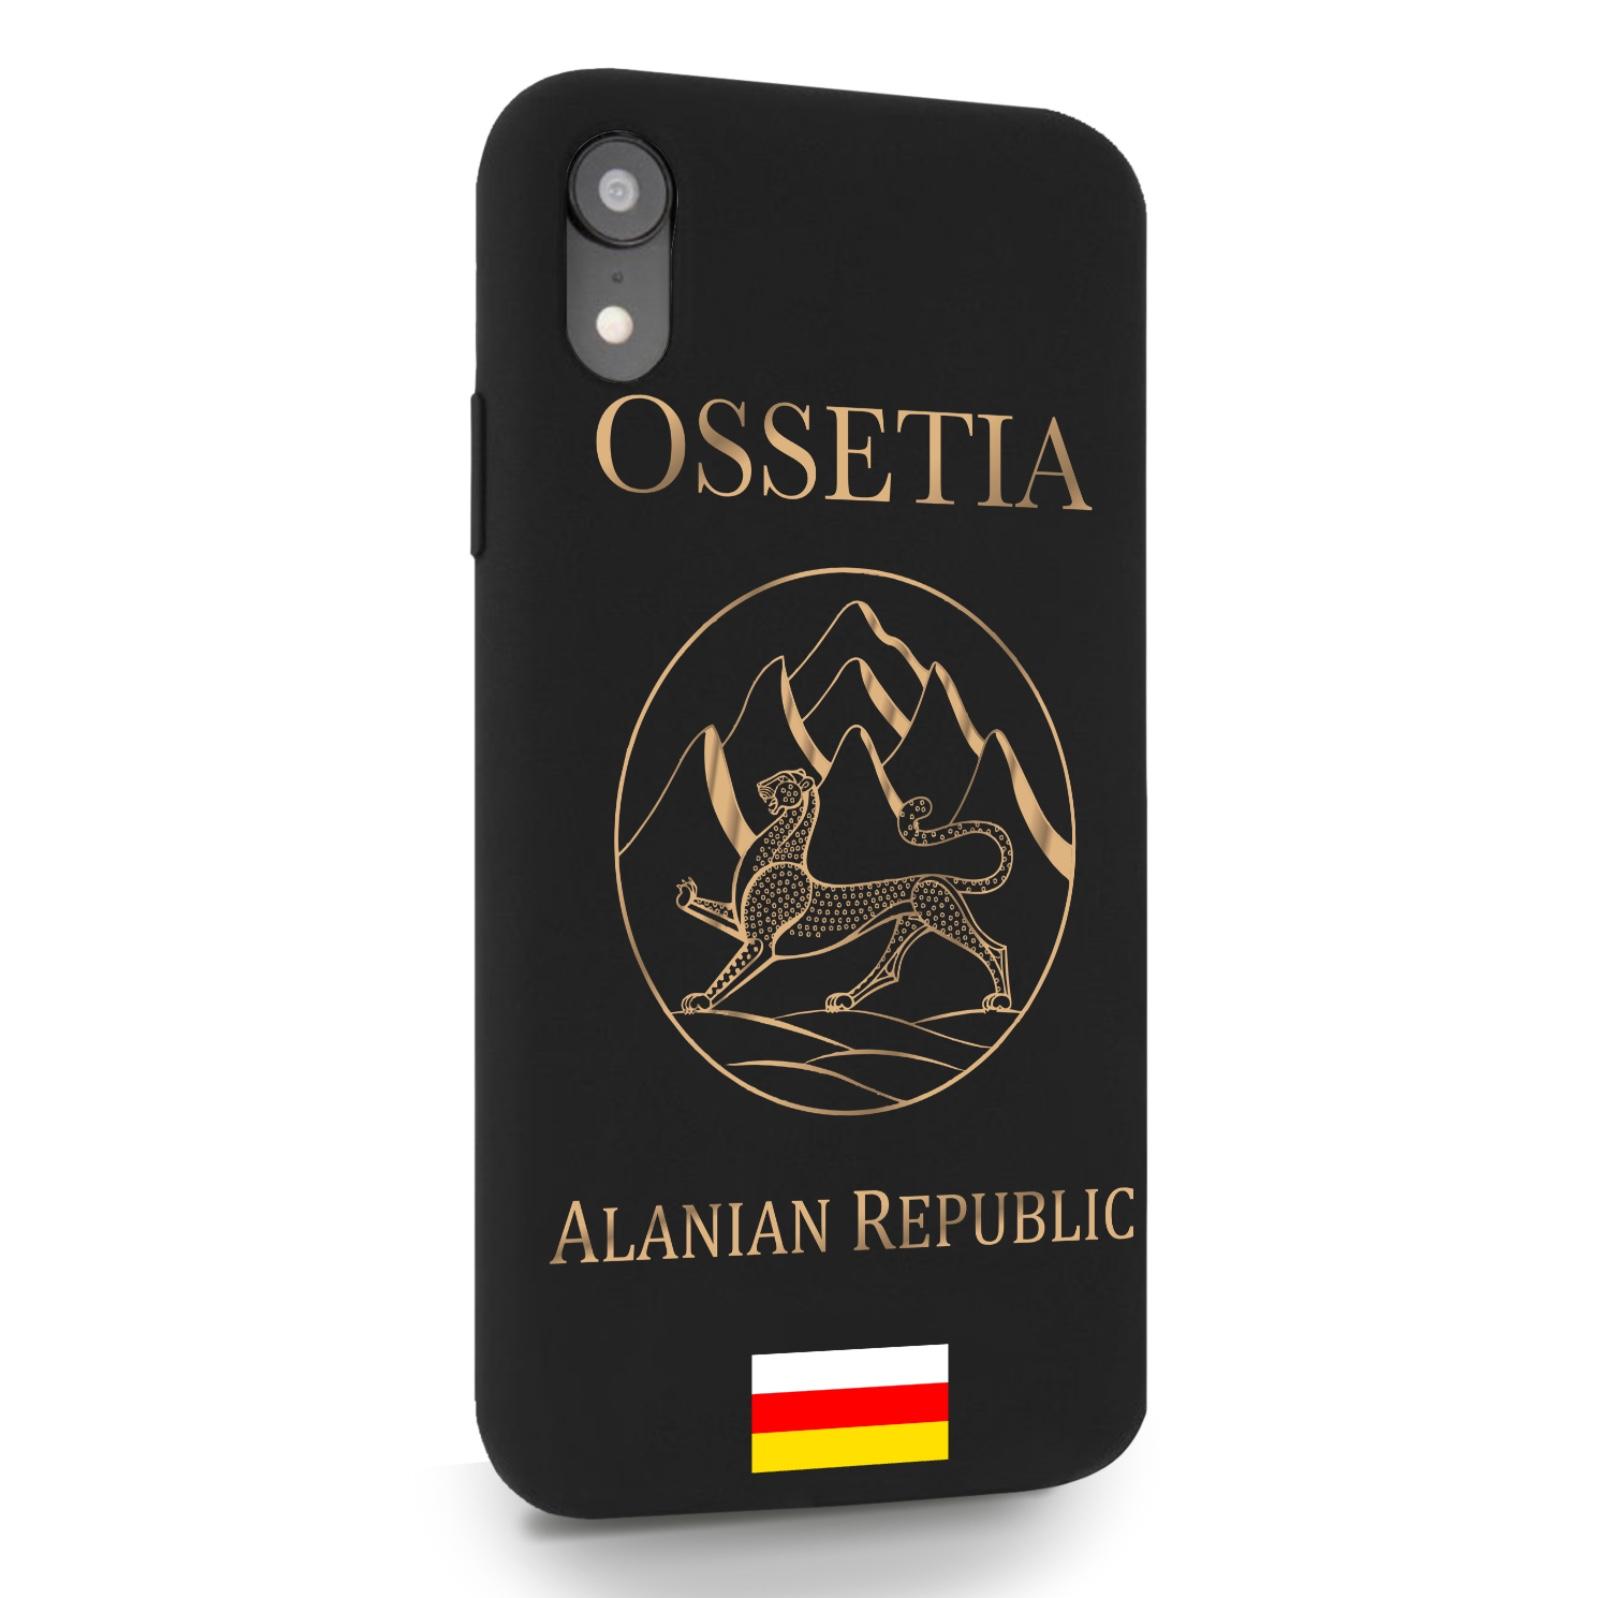 Черный силиконовый чехол для iPhone XR Золотой Герб Северной Осетии для Айфон 10R